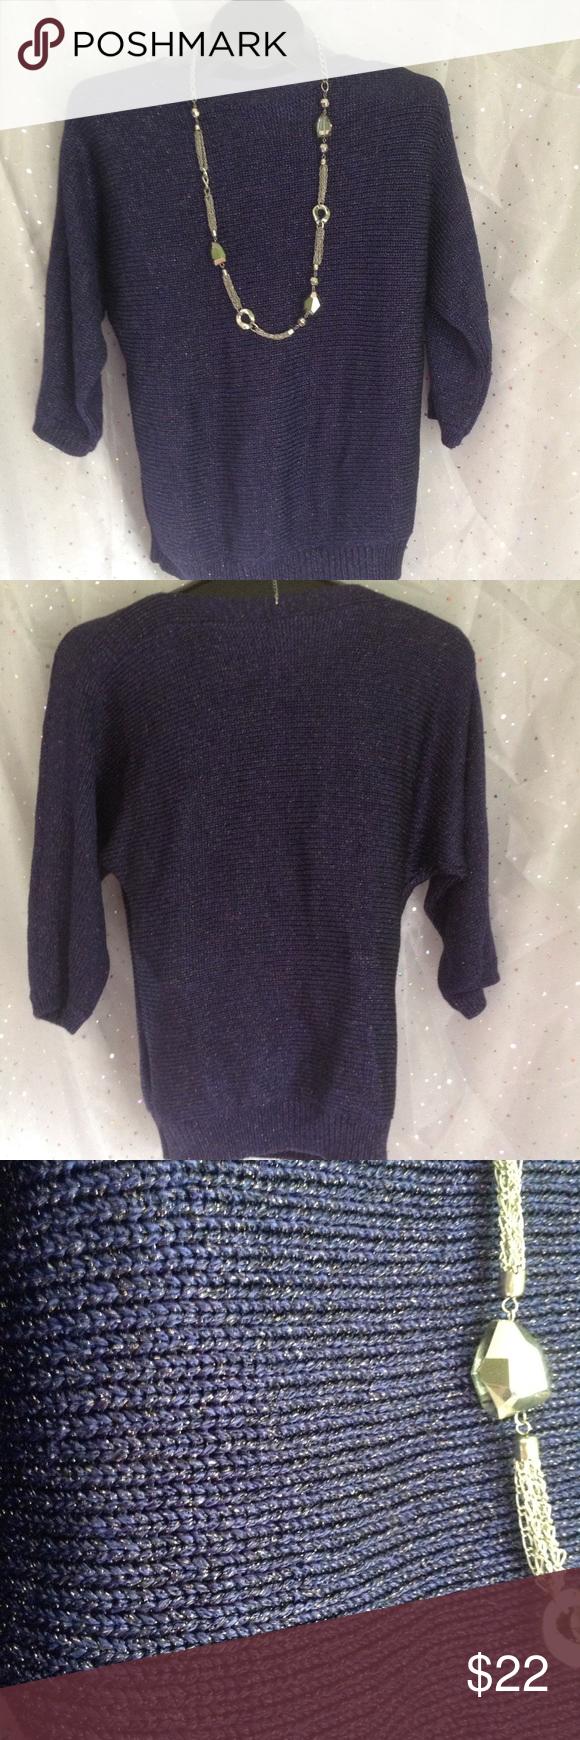 Chico's Size 1 (8-10) PURPLE Sparkle Sweater   Purple sparkle ...